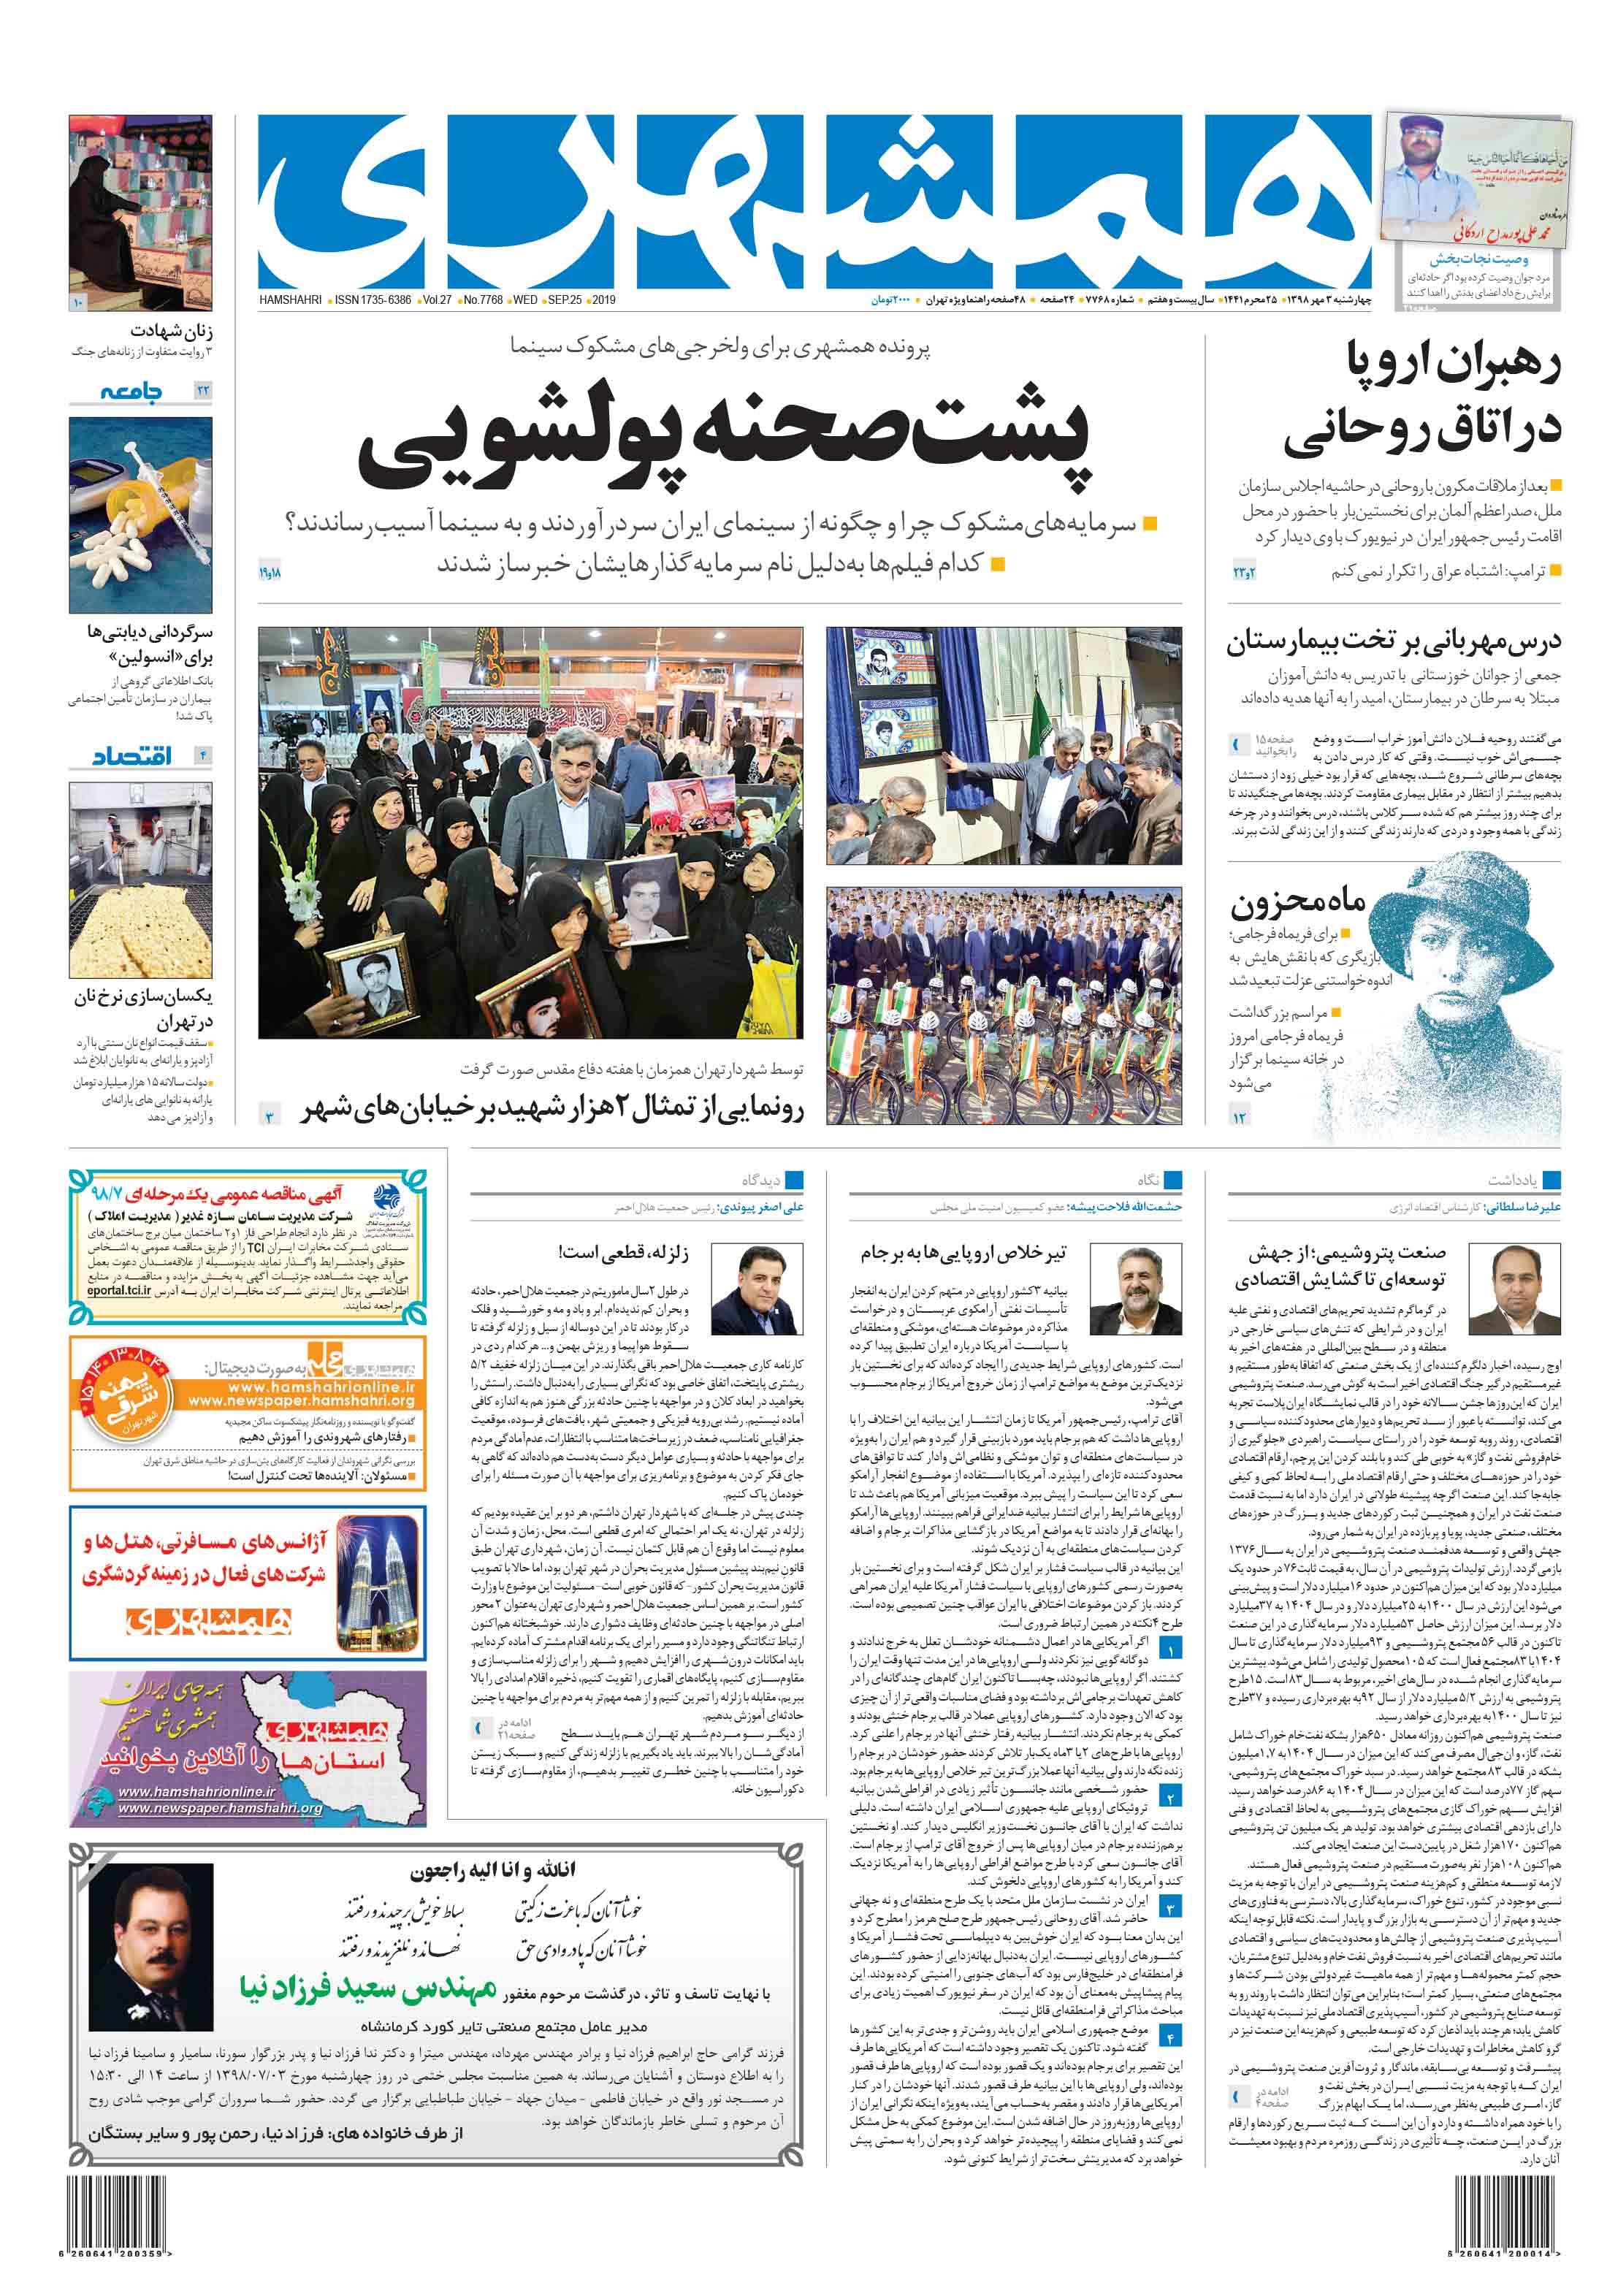 صفحه اول چهارشنبه 3 مهر 1398